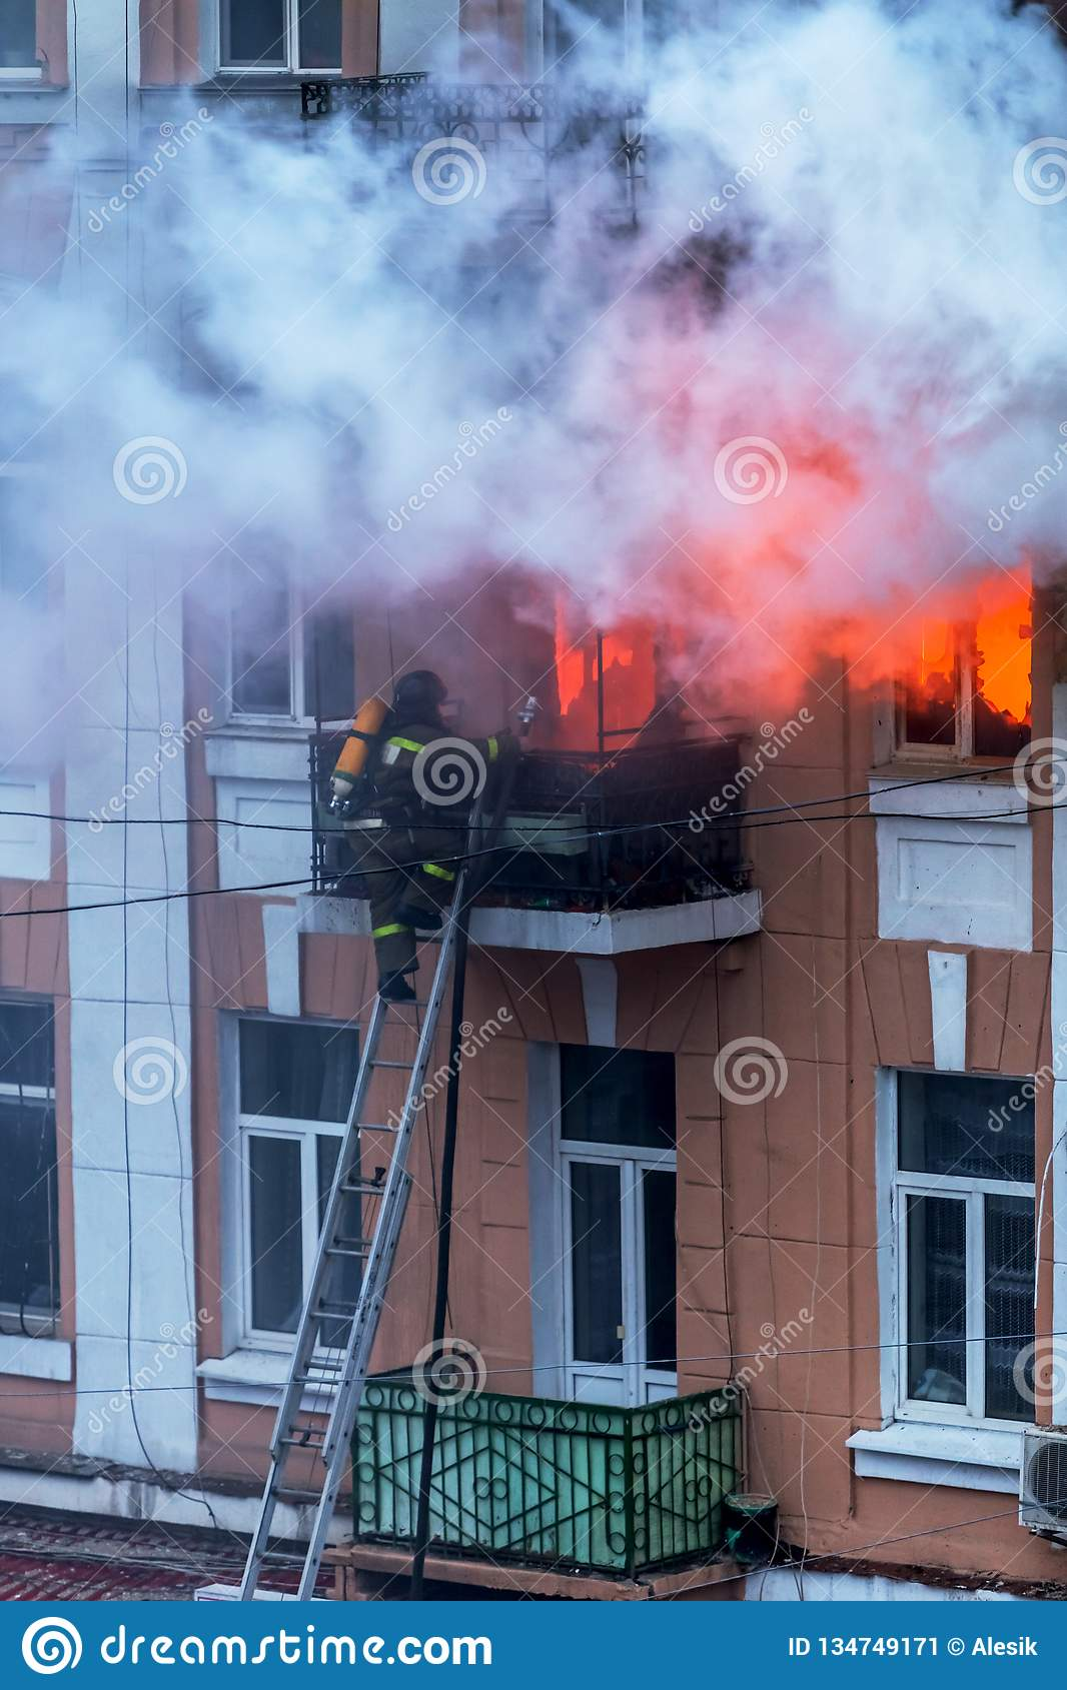 E Het sterke heldere licht en de clubs, rook betrekken venster van hun brandend huis brandbestrijders